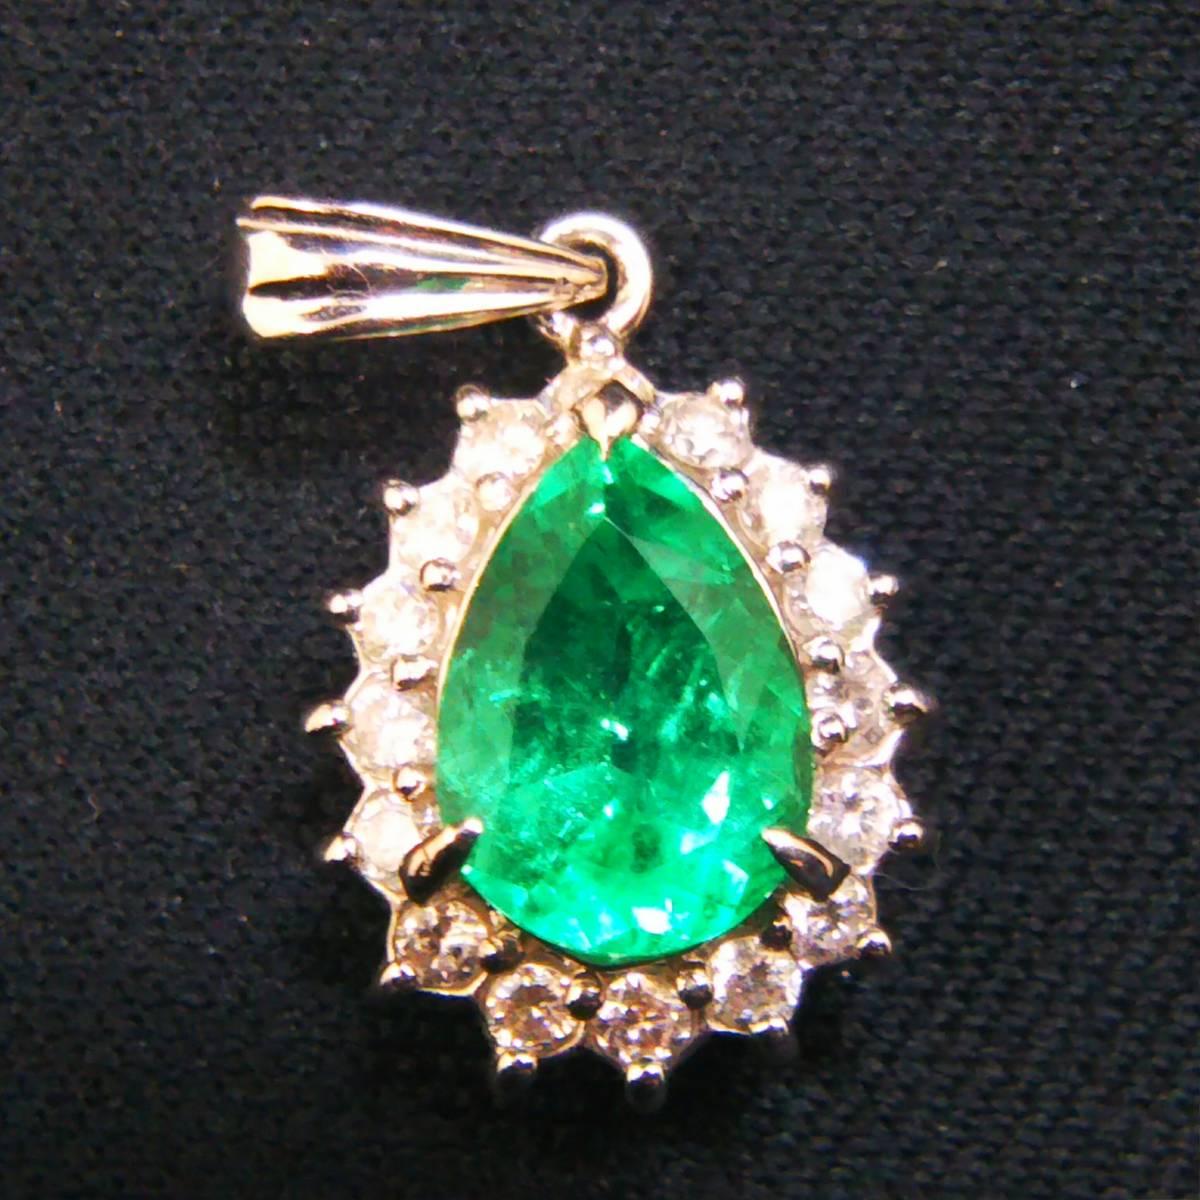 Pt900 天然エメラルド1.40ct ダイヤモンド0.33ct エメラルド レディース アクセサリー ネックレストップ トップ 鑑別書付き 総重量 3.2g_画像1